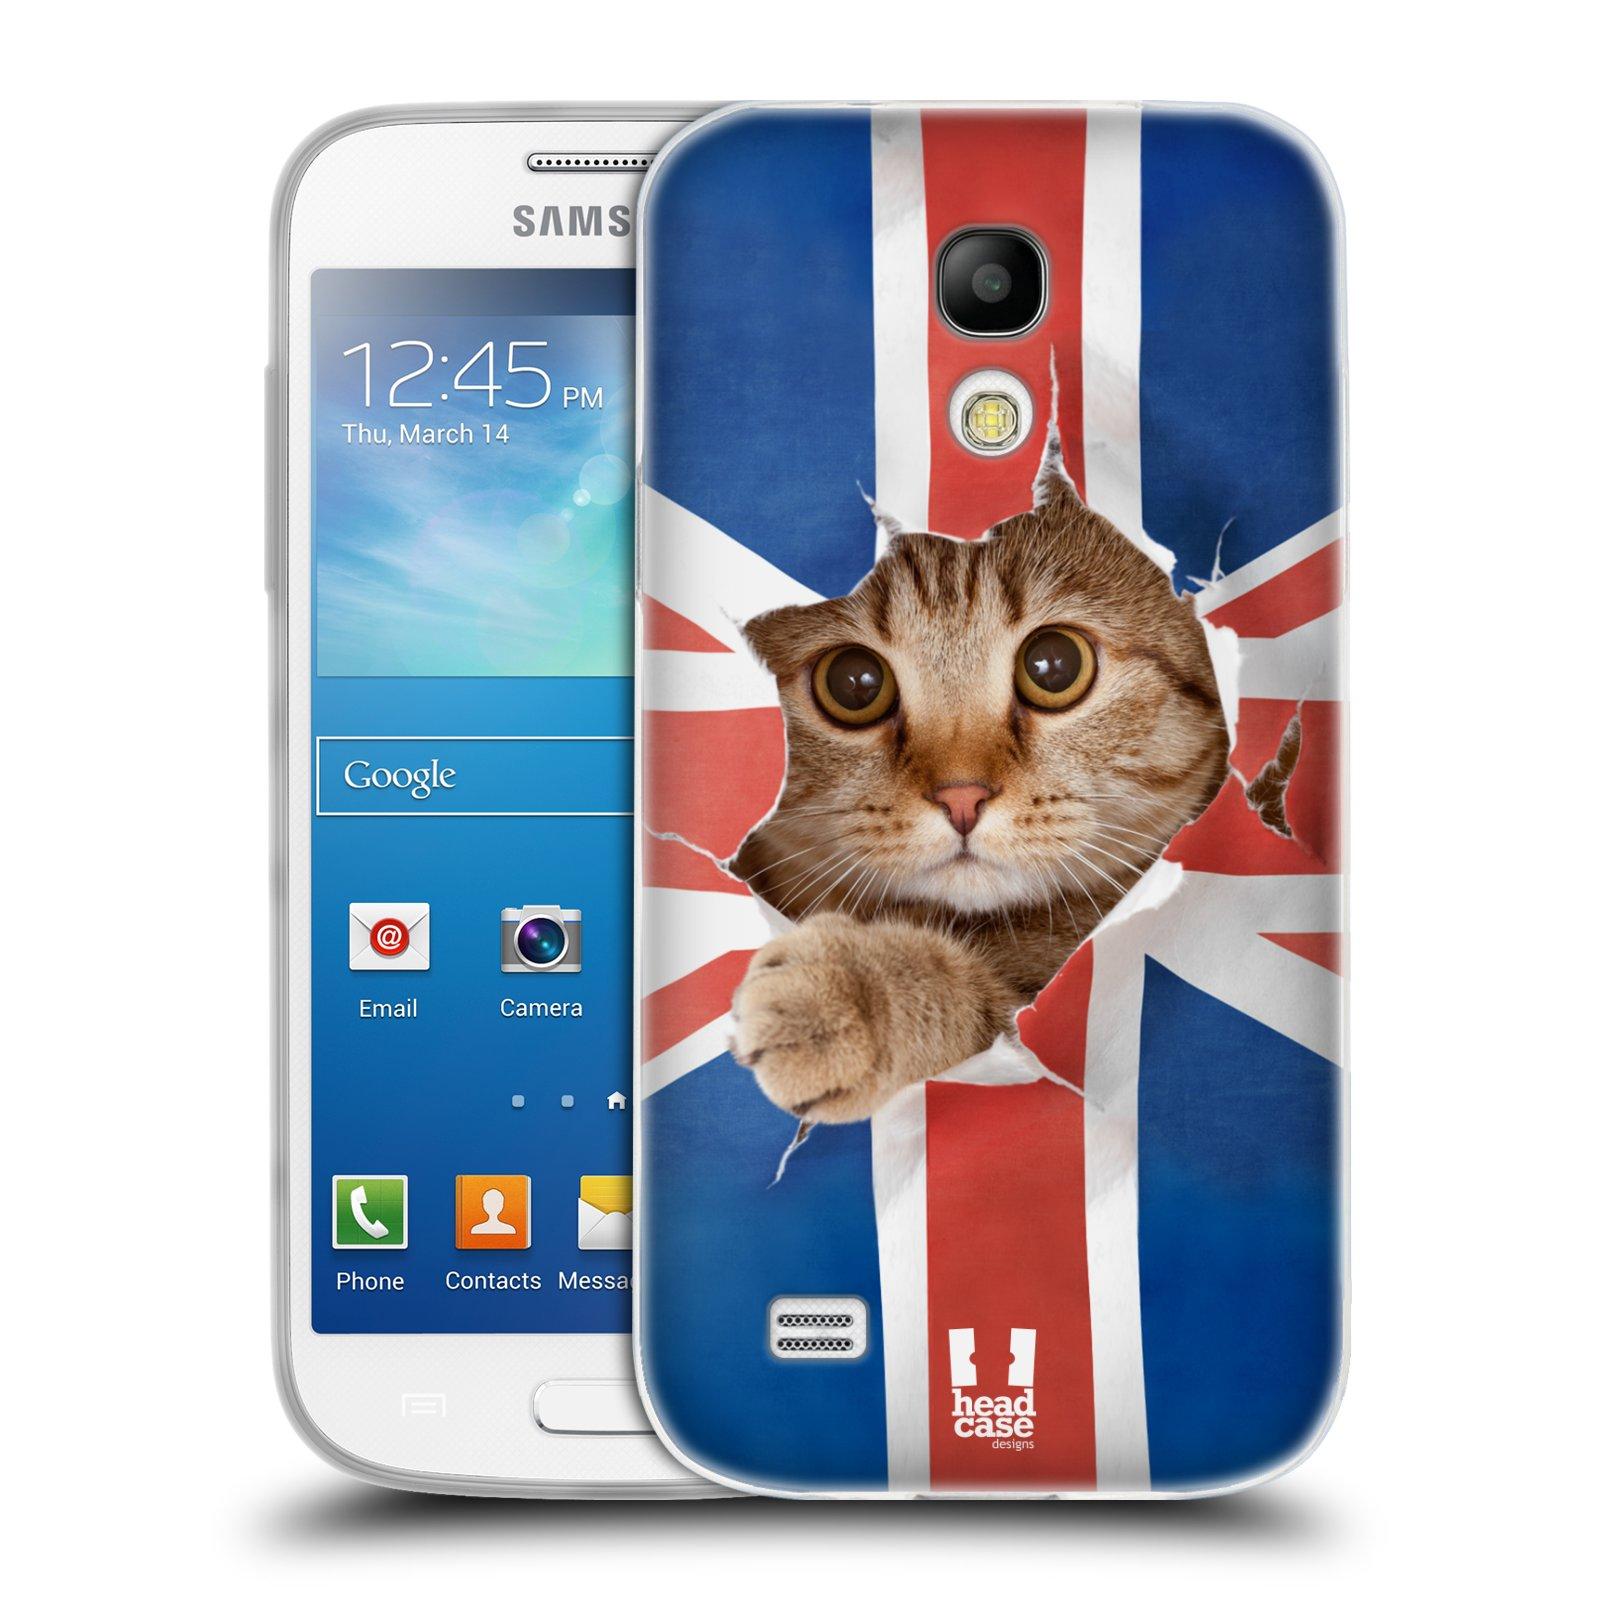 HEAD CASE silikonový obal na mobil Samsung Galaxy S4 MINI vzor Legrační zvířátka kočička a Velká Británie vlajka